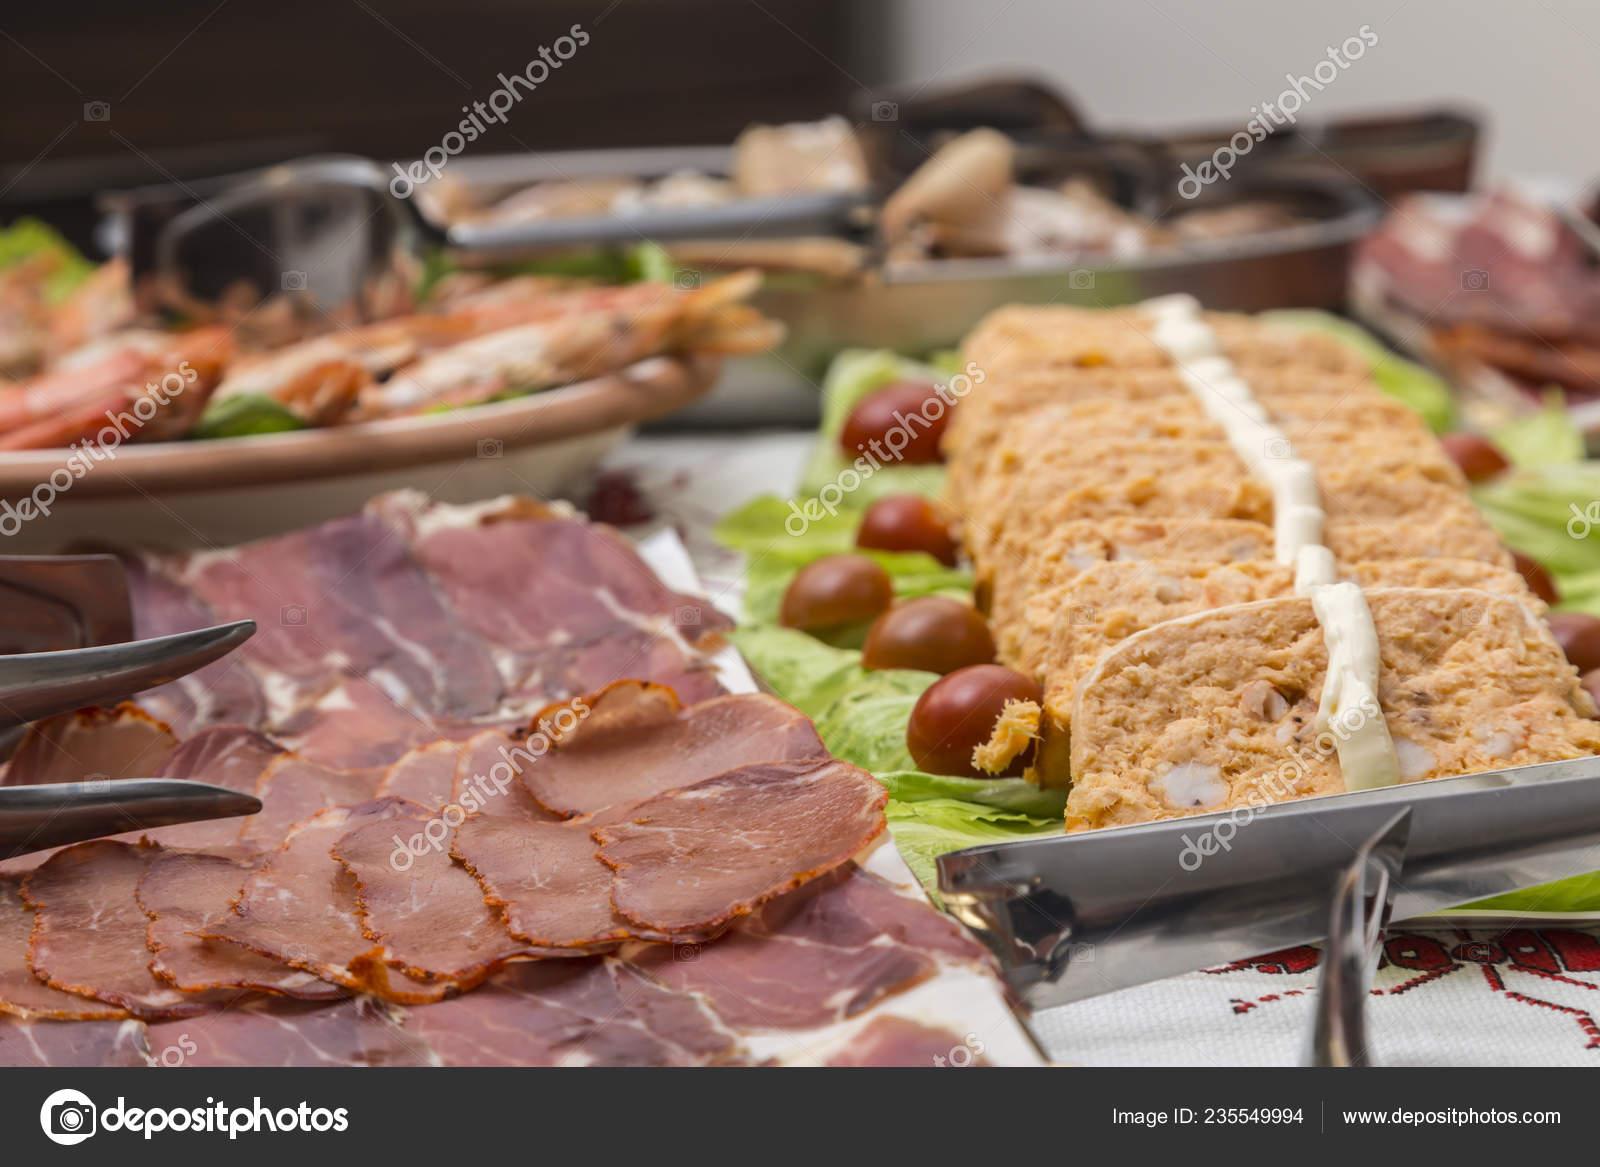 Weihnachtsessen Fleisch.Schalen Mit Verschiedenen Platten Von Essen Fleisch Wurstwaren Fisch